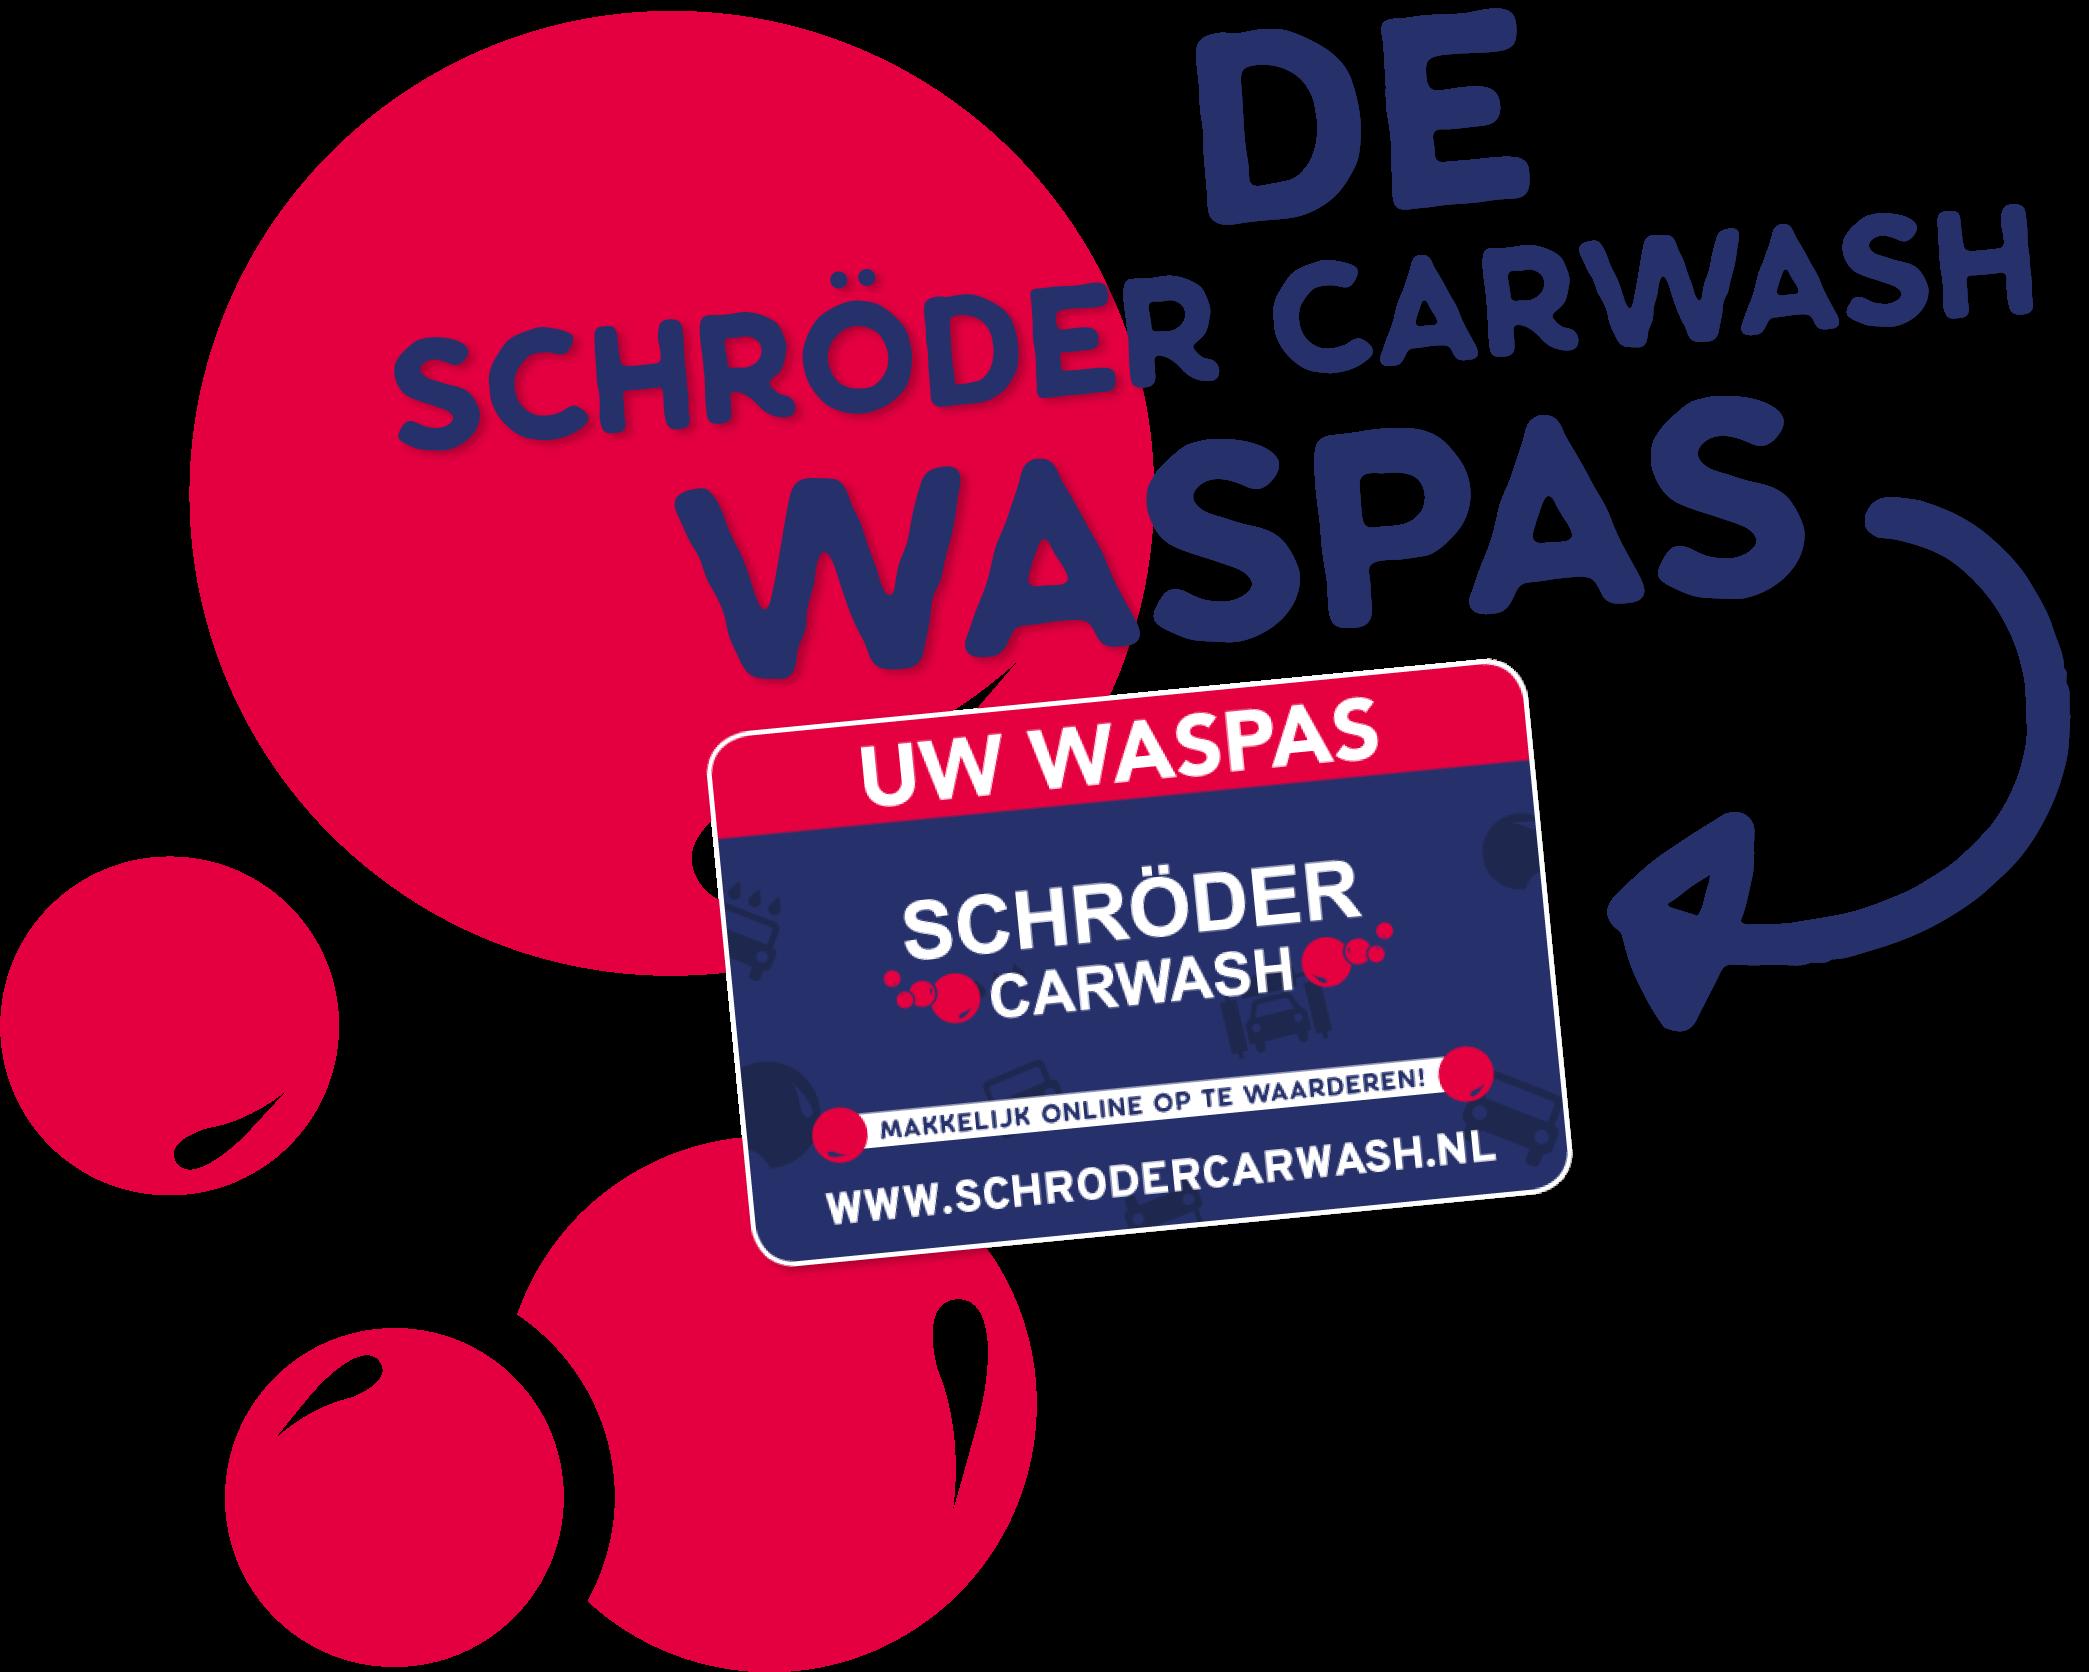 schroder-carwash-01